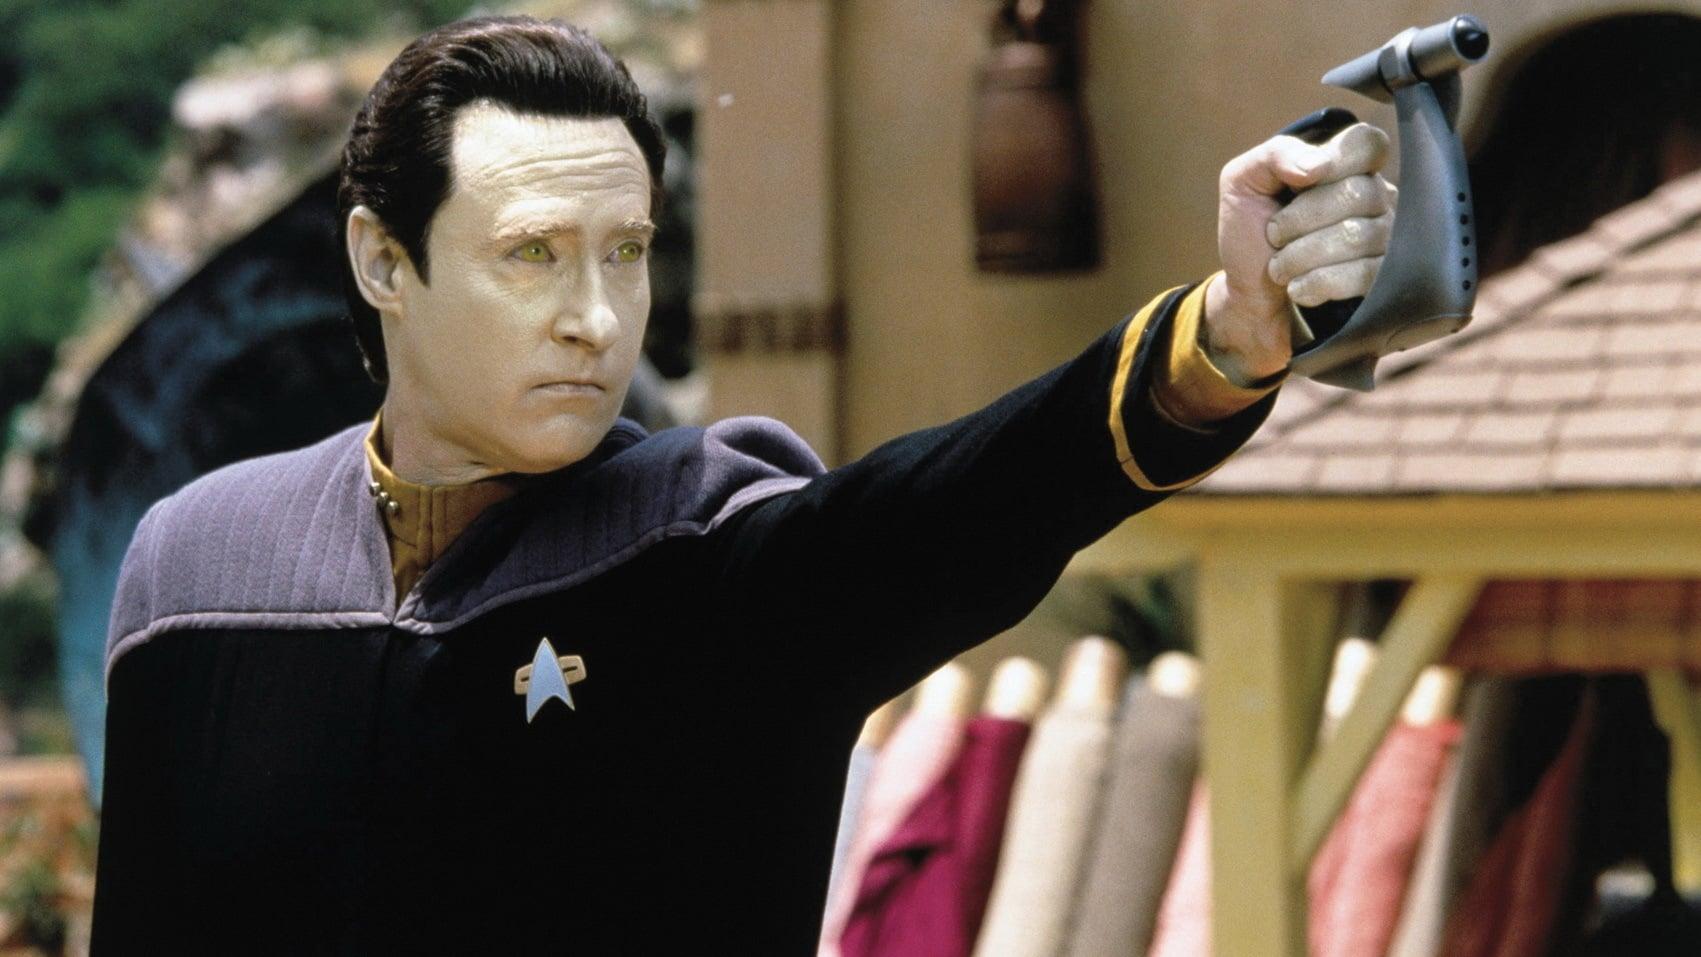 Star Trek: Insurrection backdrop